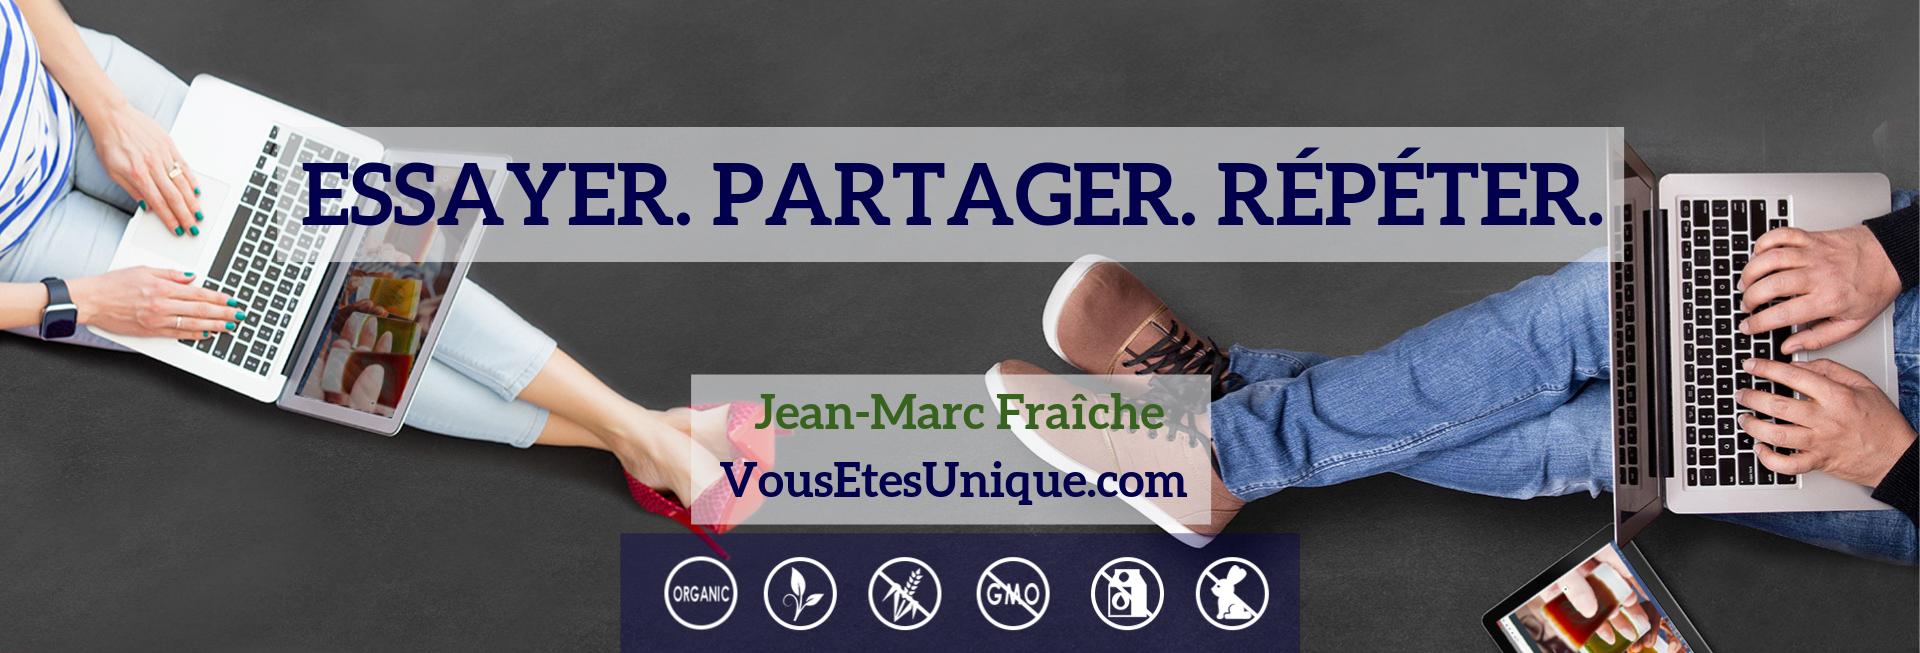 Affiliation-HB-Naturals-Jean-Marc-Fraiche-VousEtesUnique